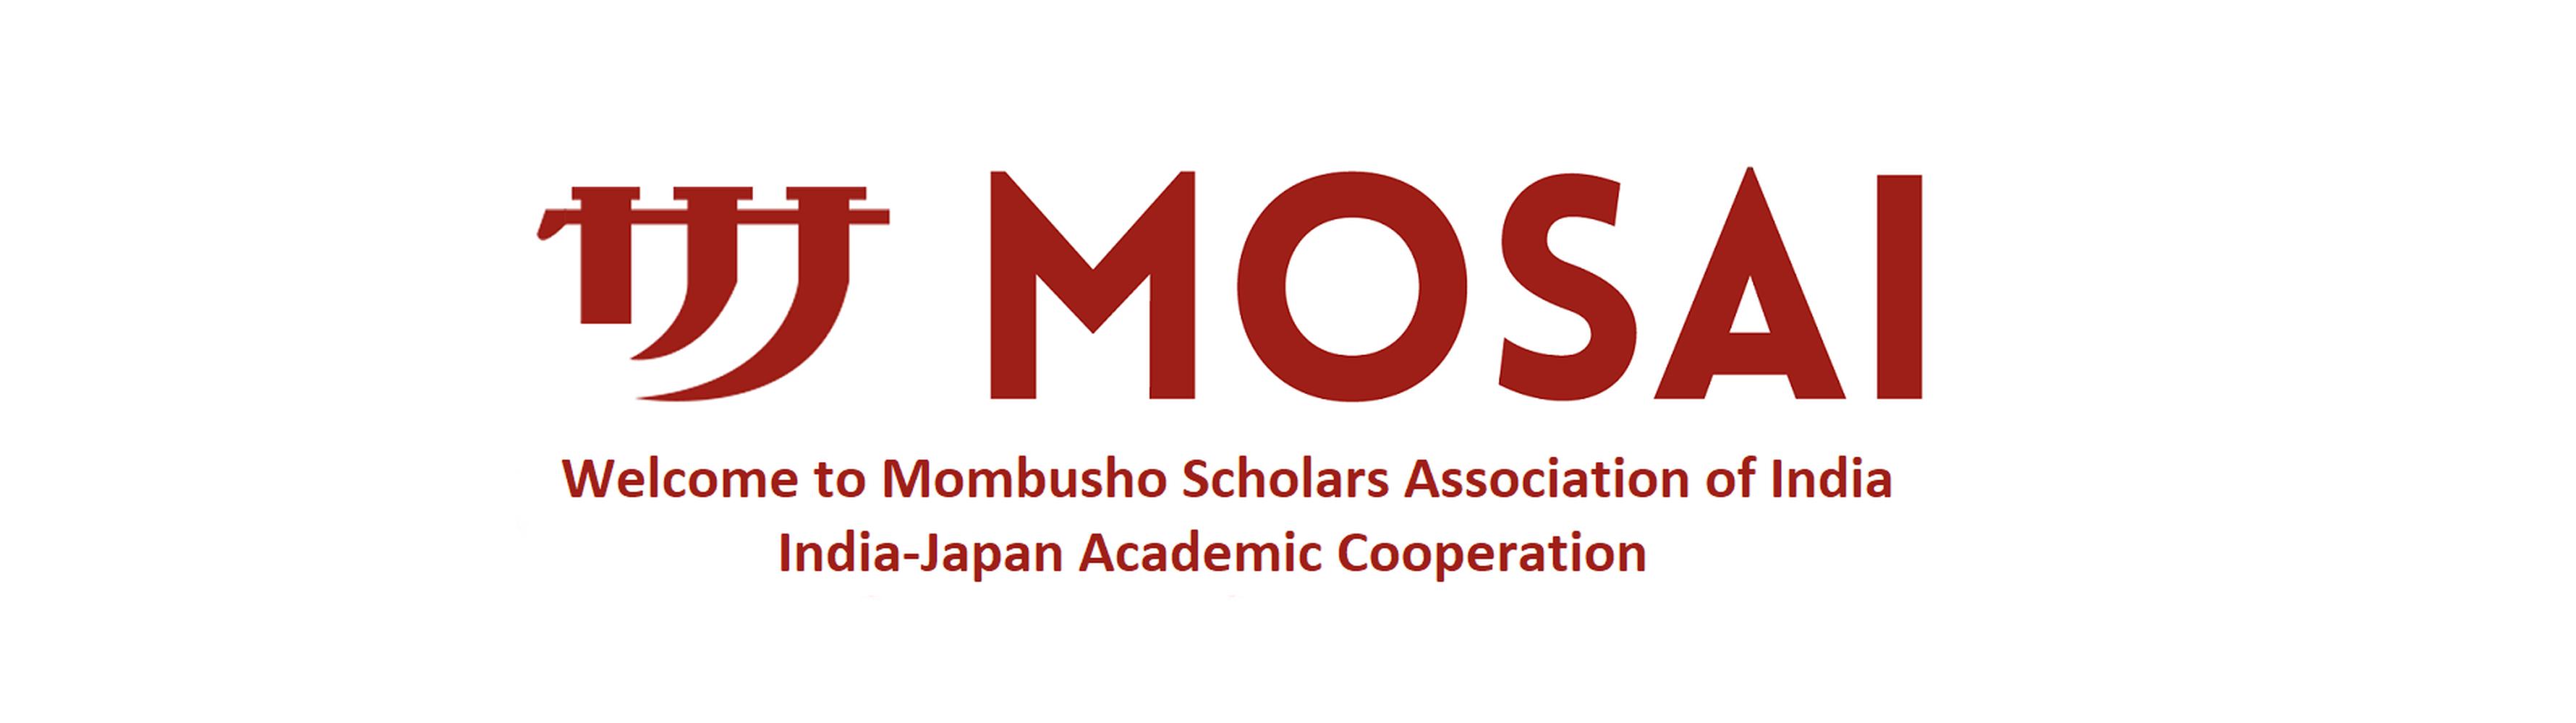 MOSAI – Mombusho Scholars Association of India